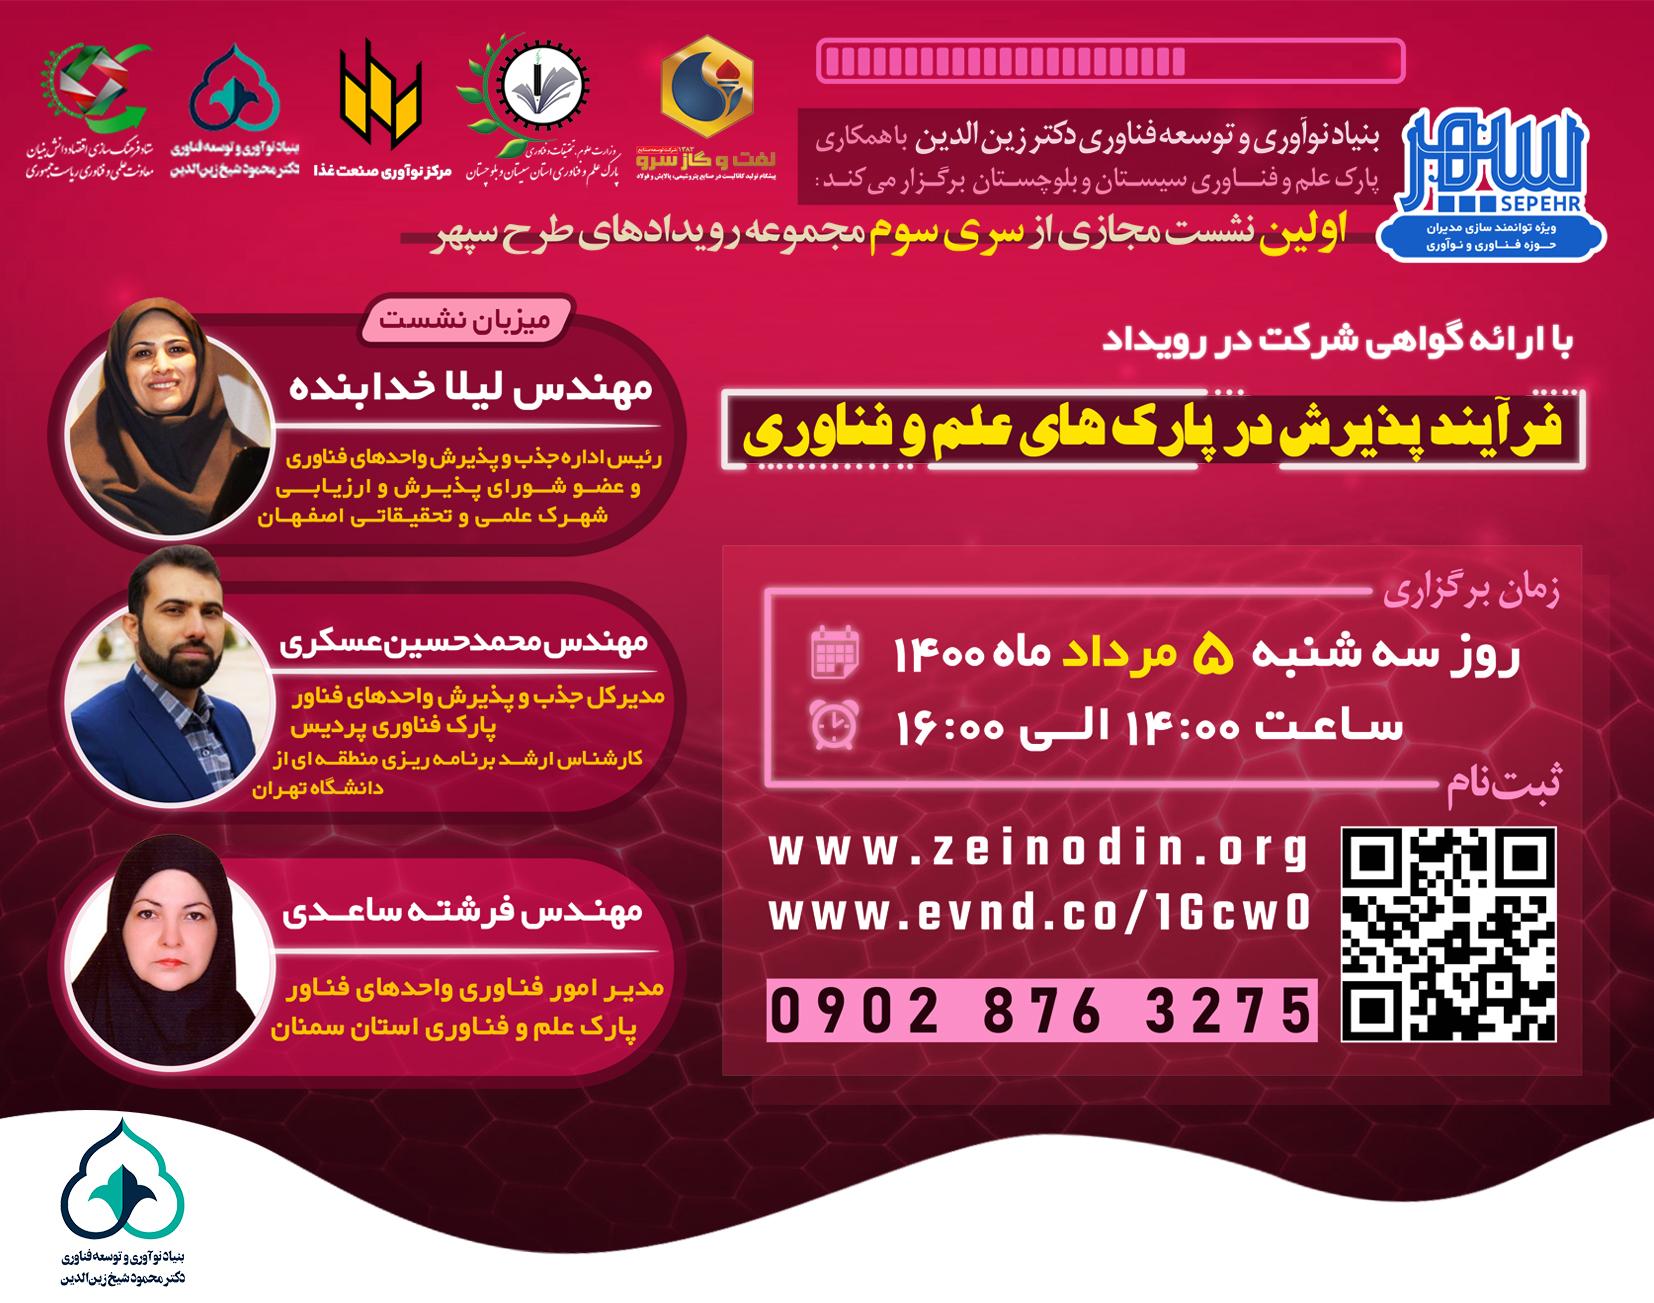 برگزاری اولین وبینار از دوره سوم طرح سپهر